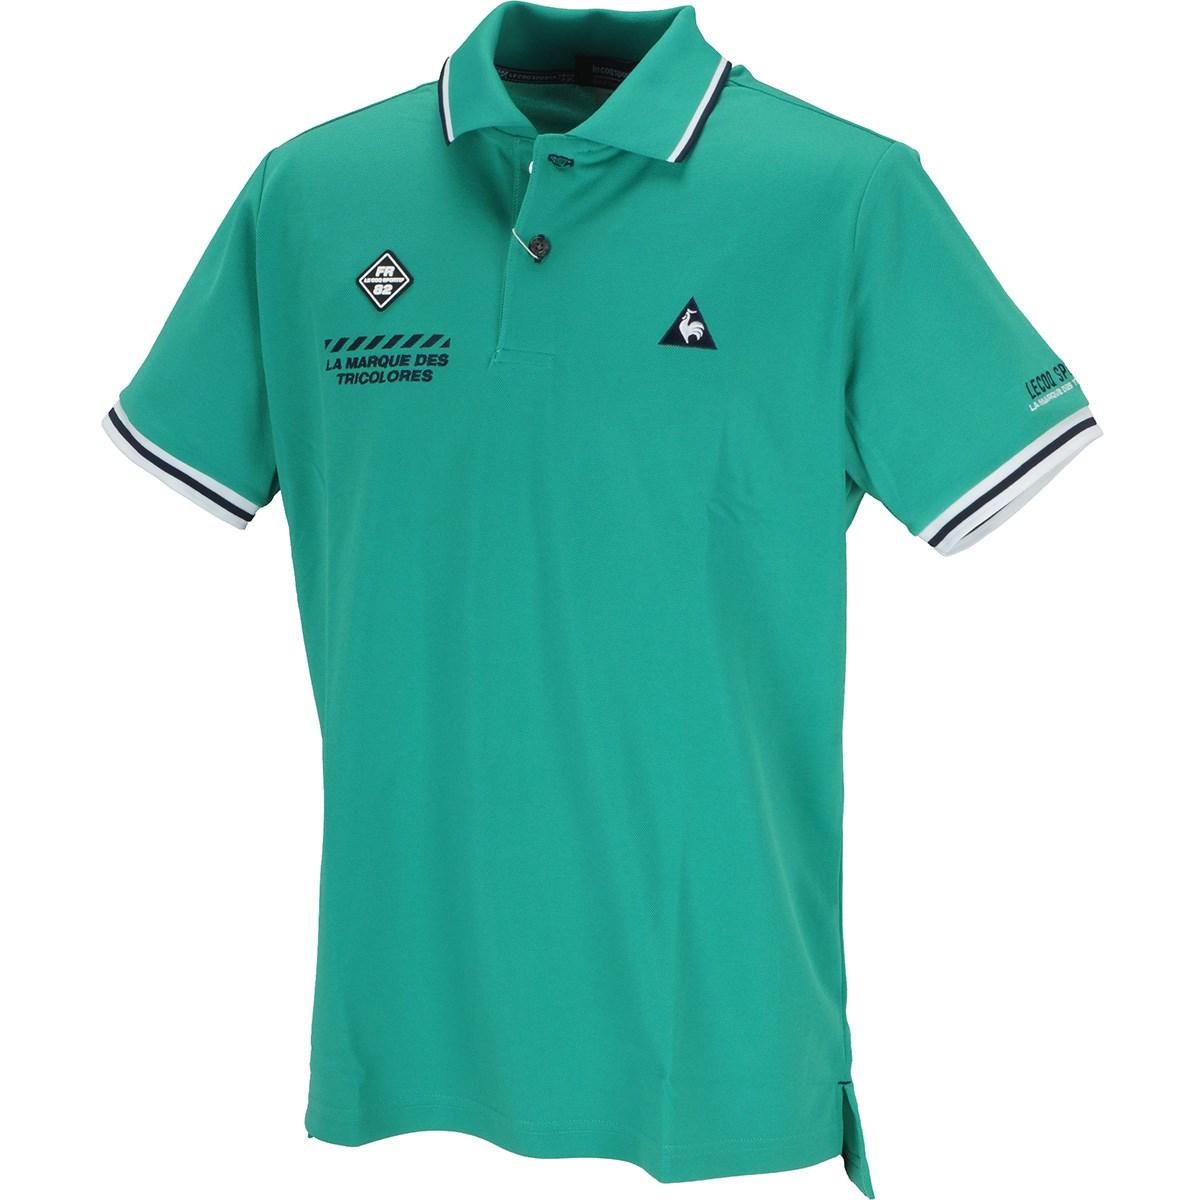 ルコックゴルフ トップ鹿の子 アイコンマーキング半袖ポロシャツ